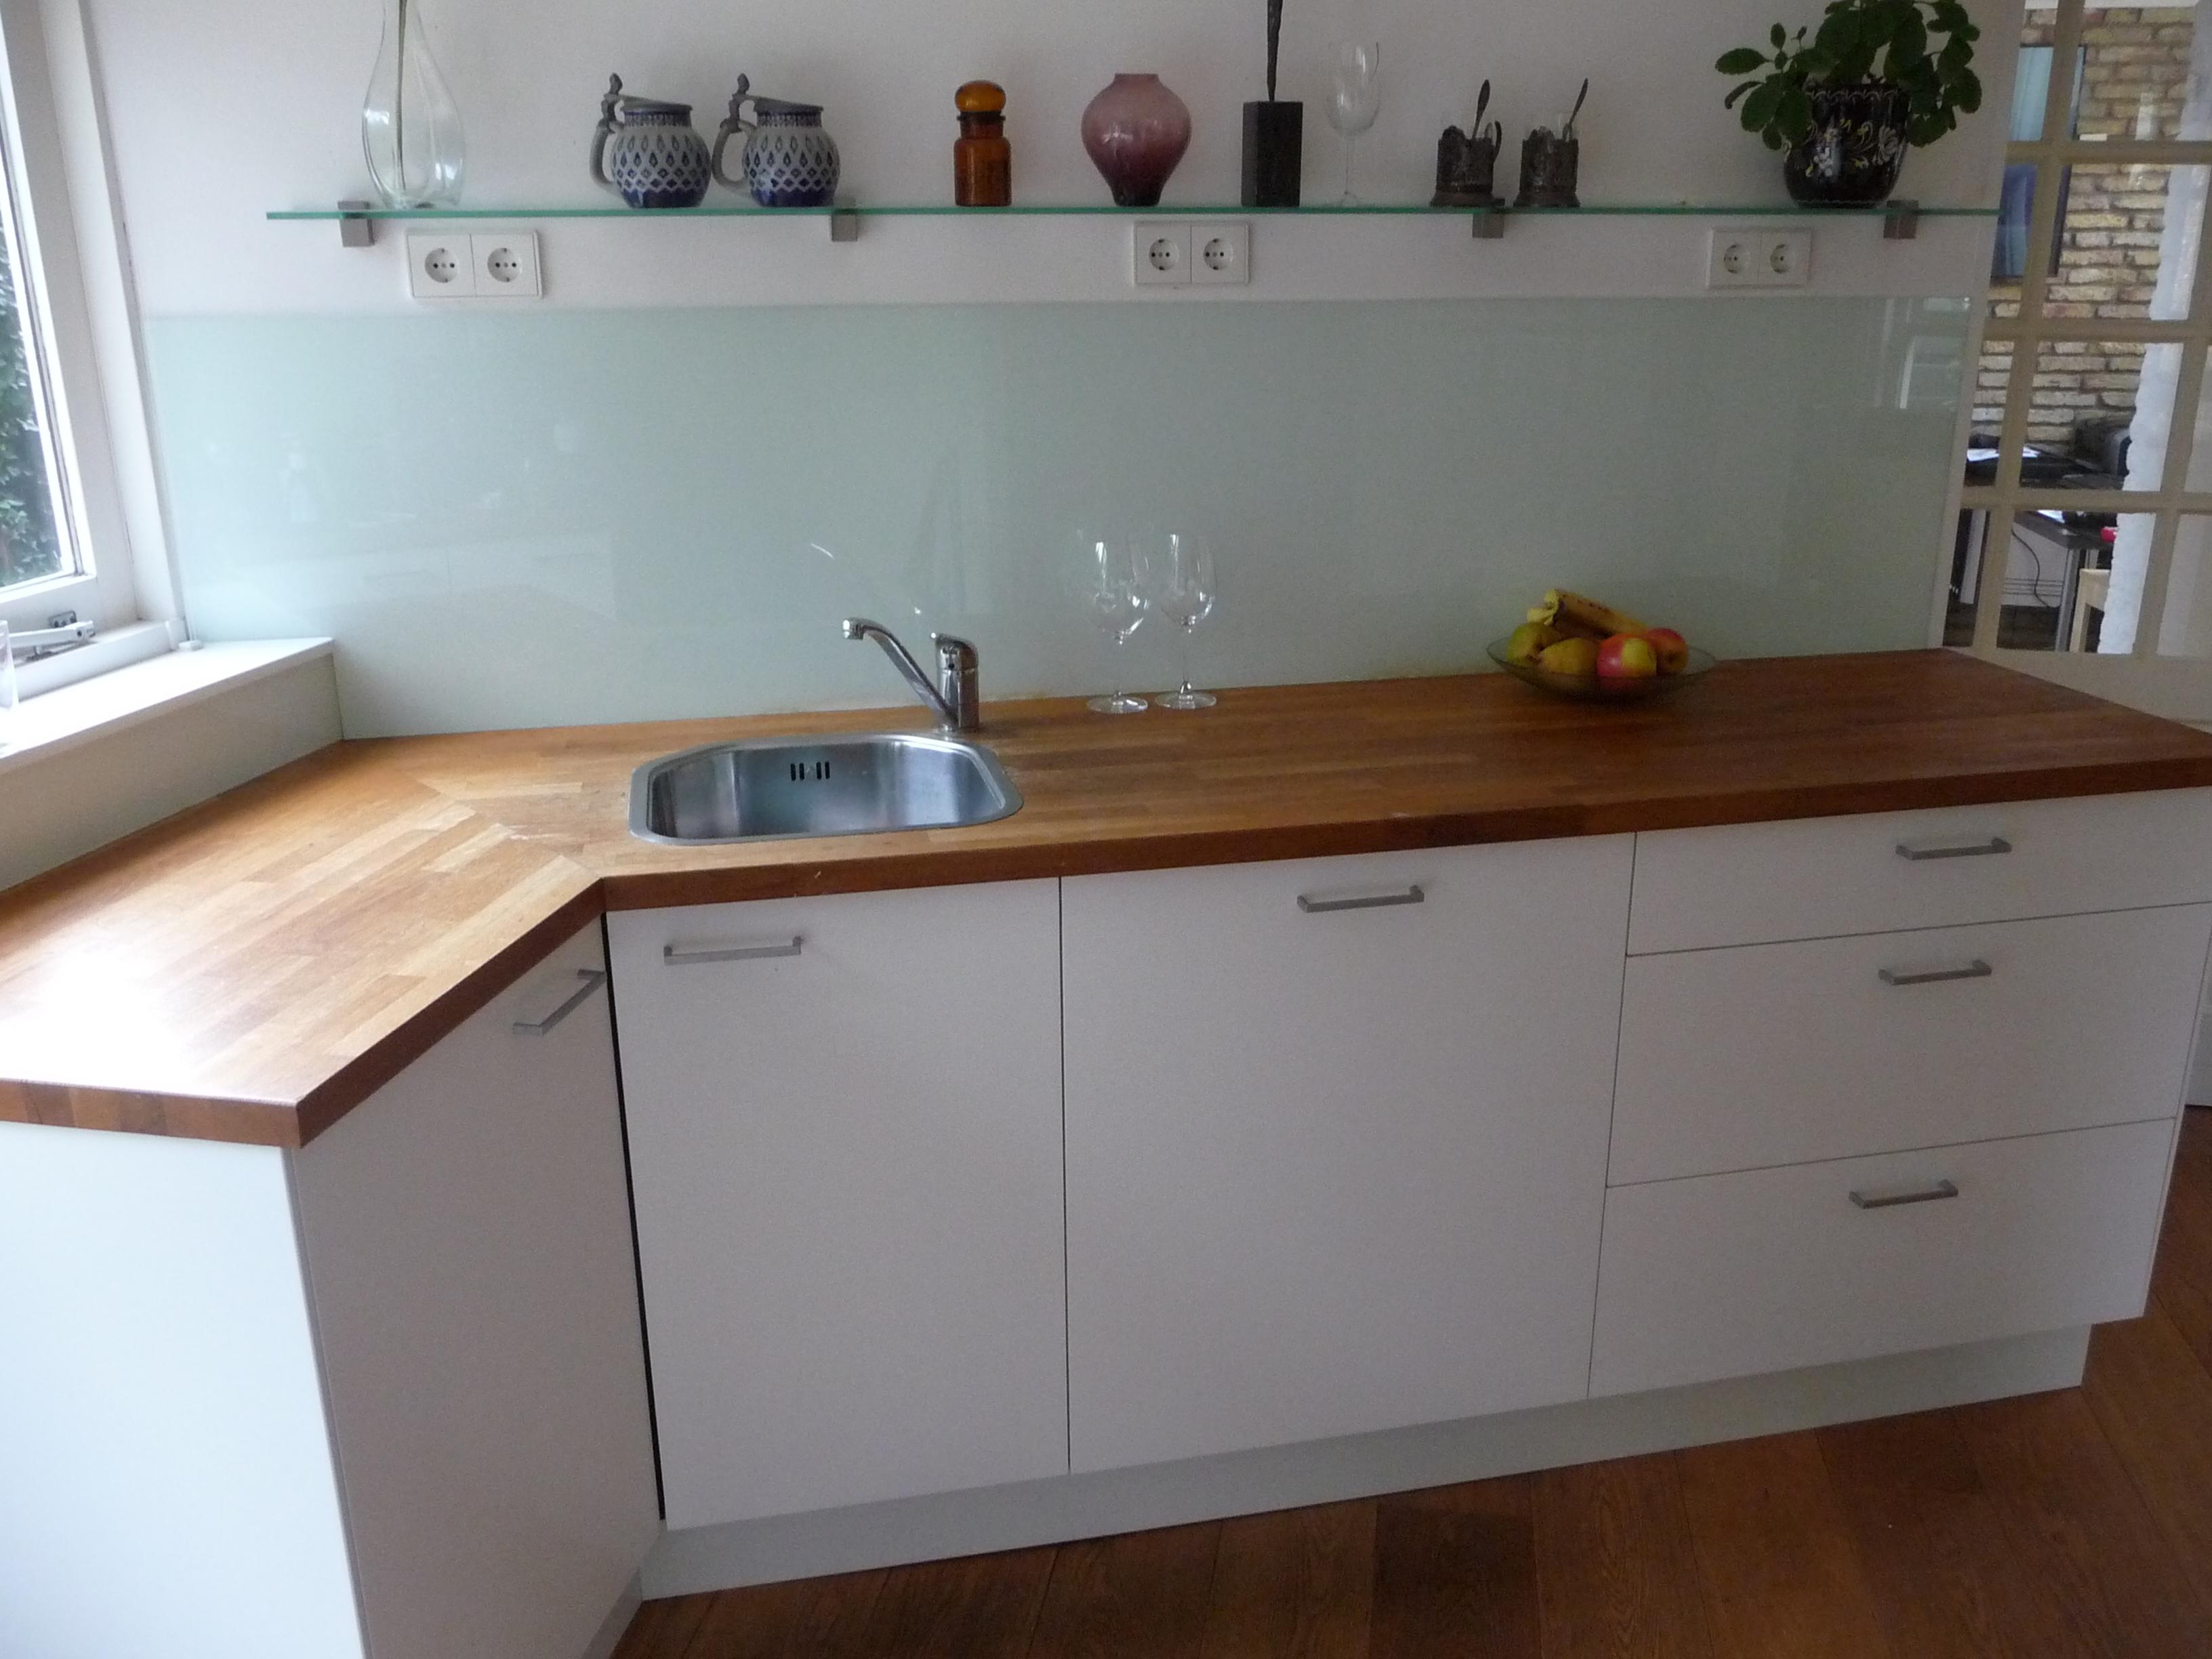 Renovatie Van Keukens : Keuken na renovatie u schouten interieurwerk